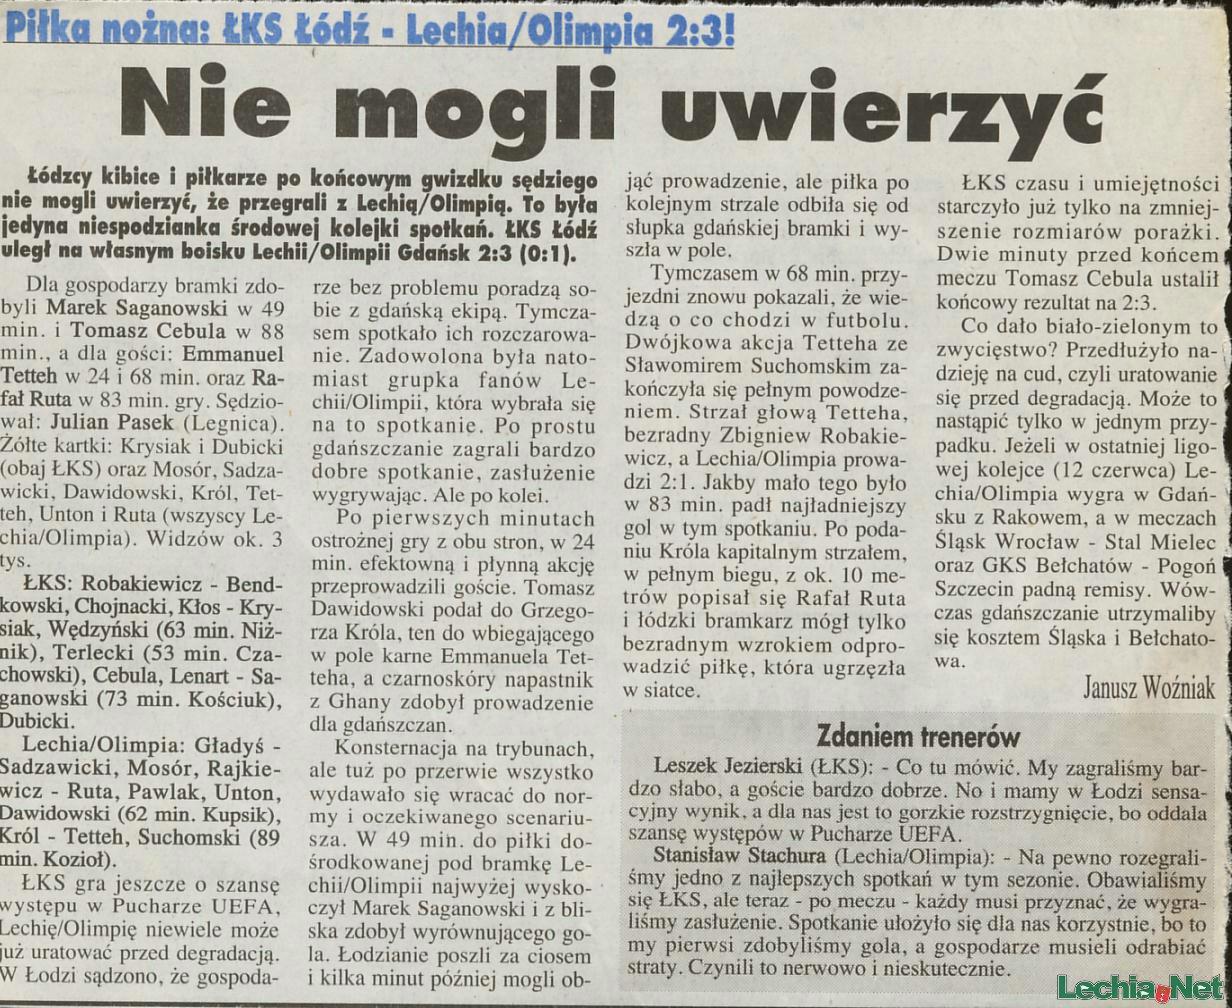 Relacja prasowa z meczu ŁKS Łódź-Lechia